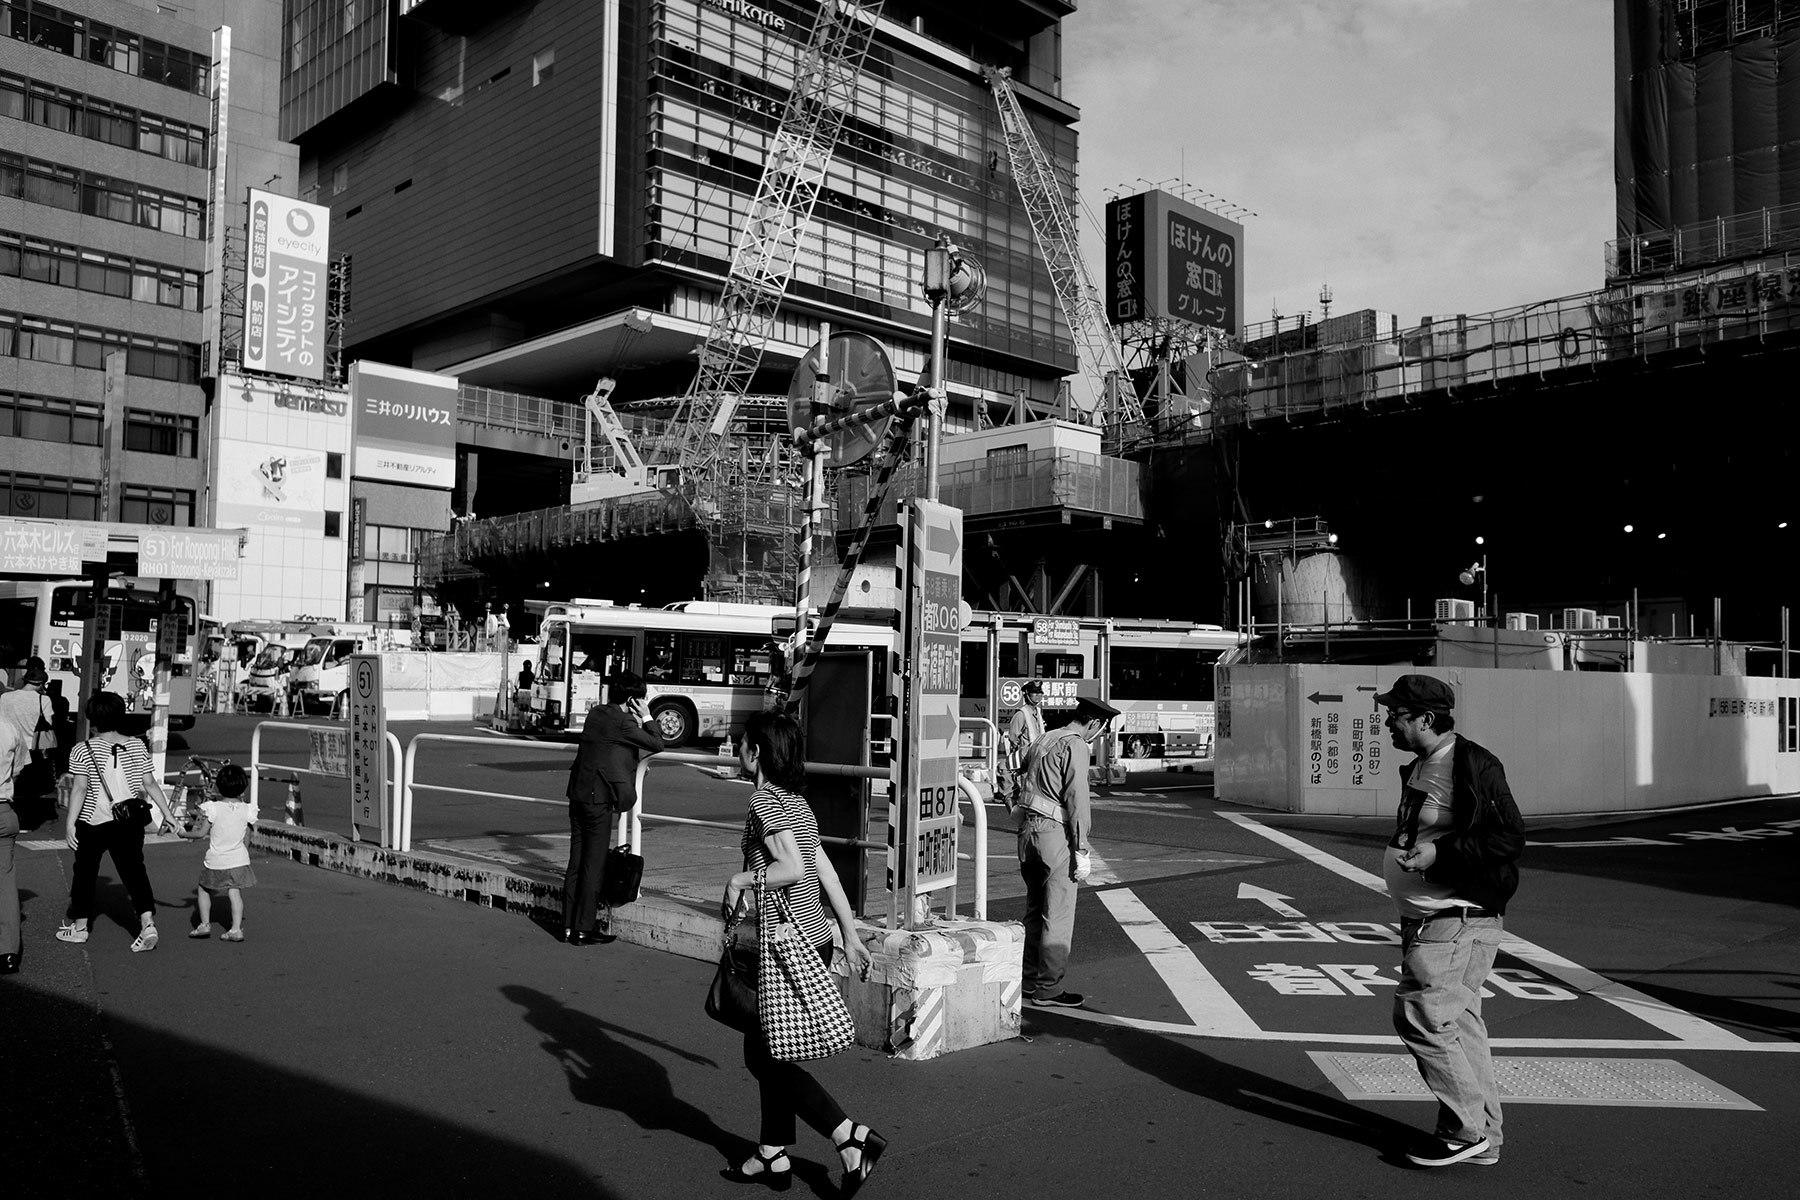 急ぎ足の街_f0121181_04202811.jpg